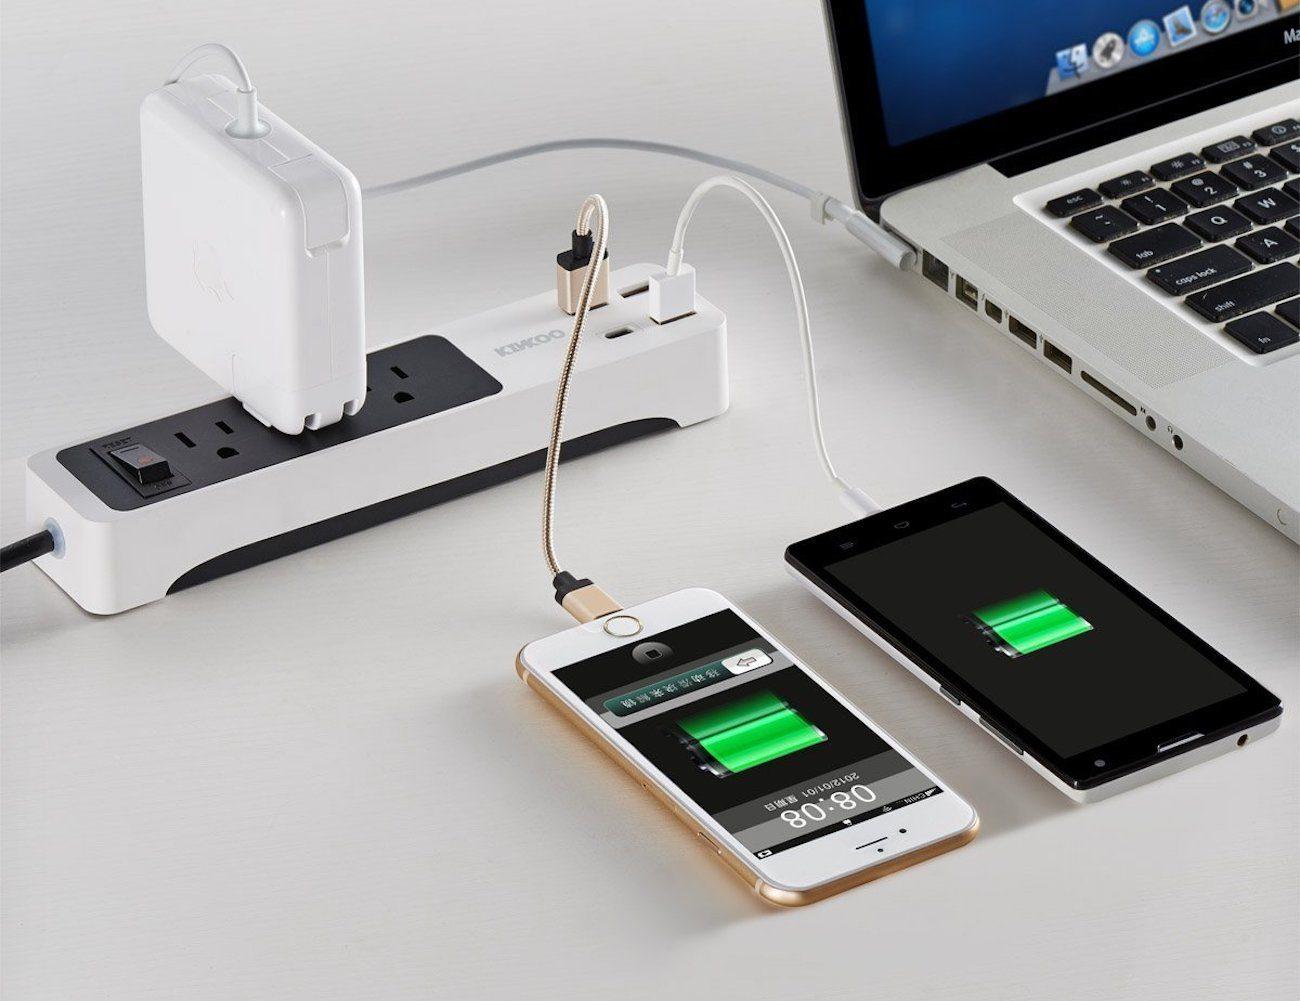 Kinkoo USB Power Strip